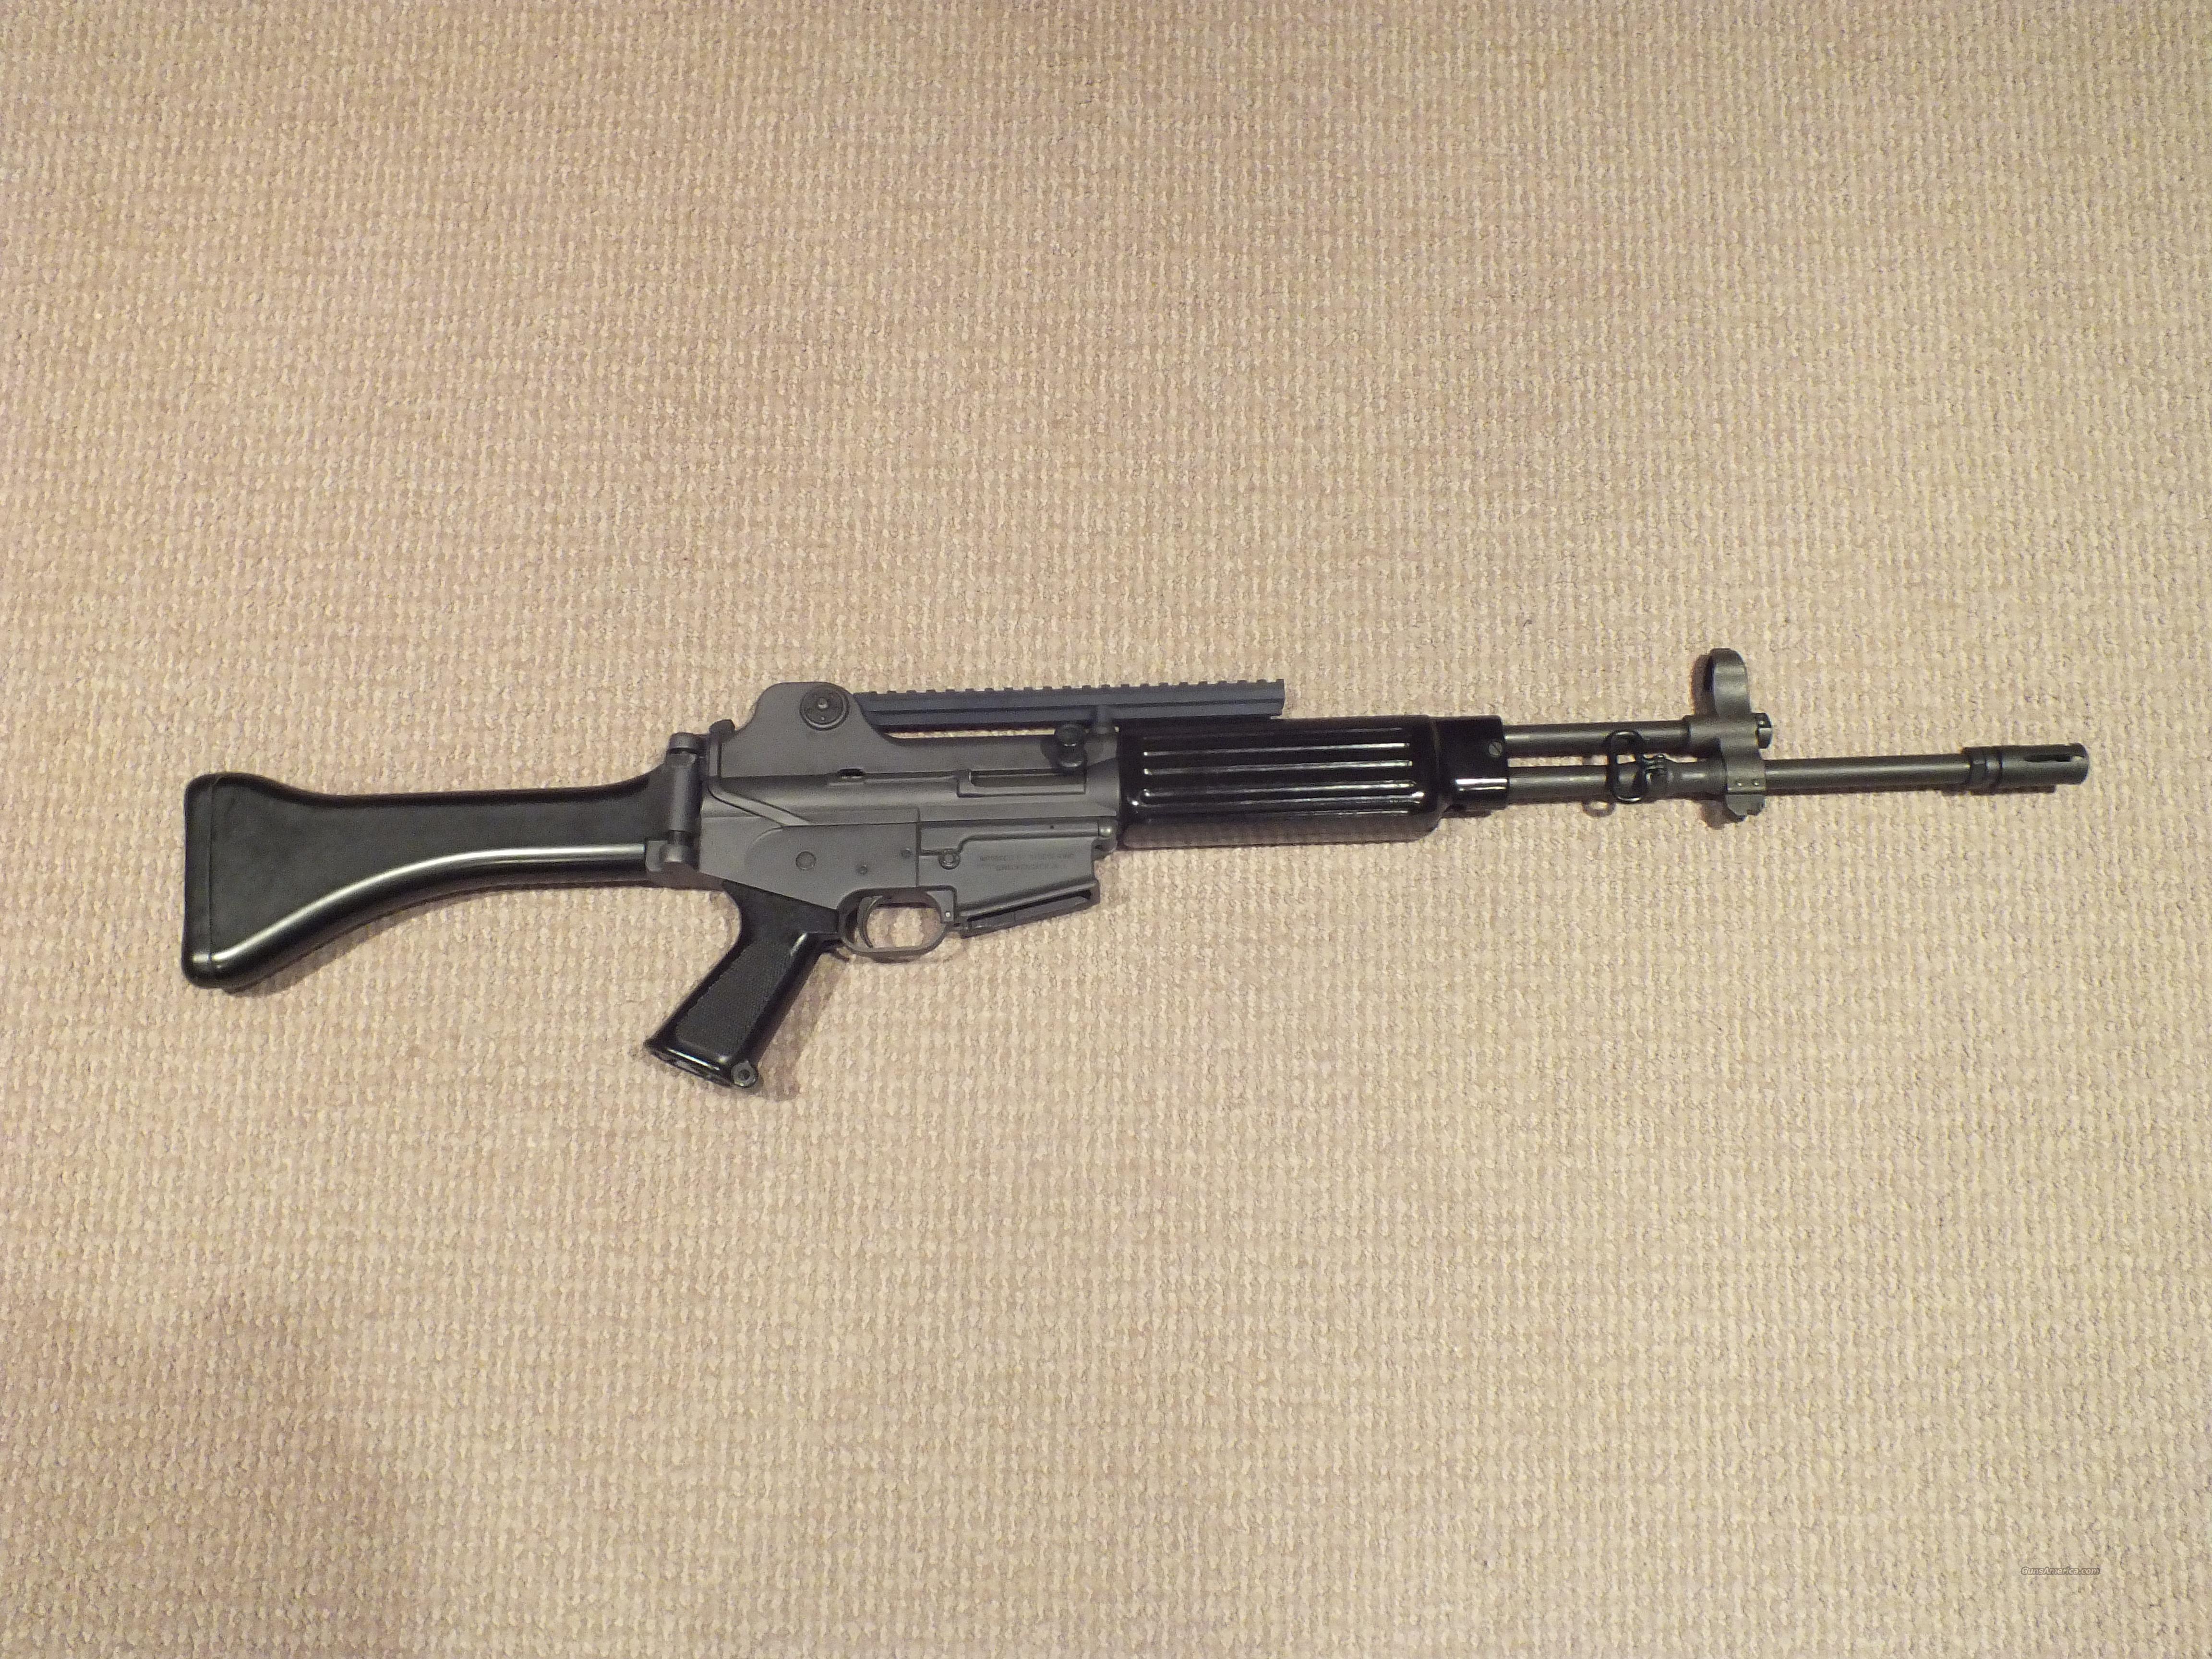 Daewoo, K2 Korean AR-15 . 5.56mm for sale